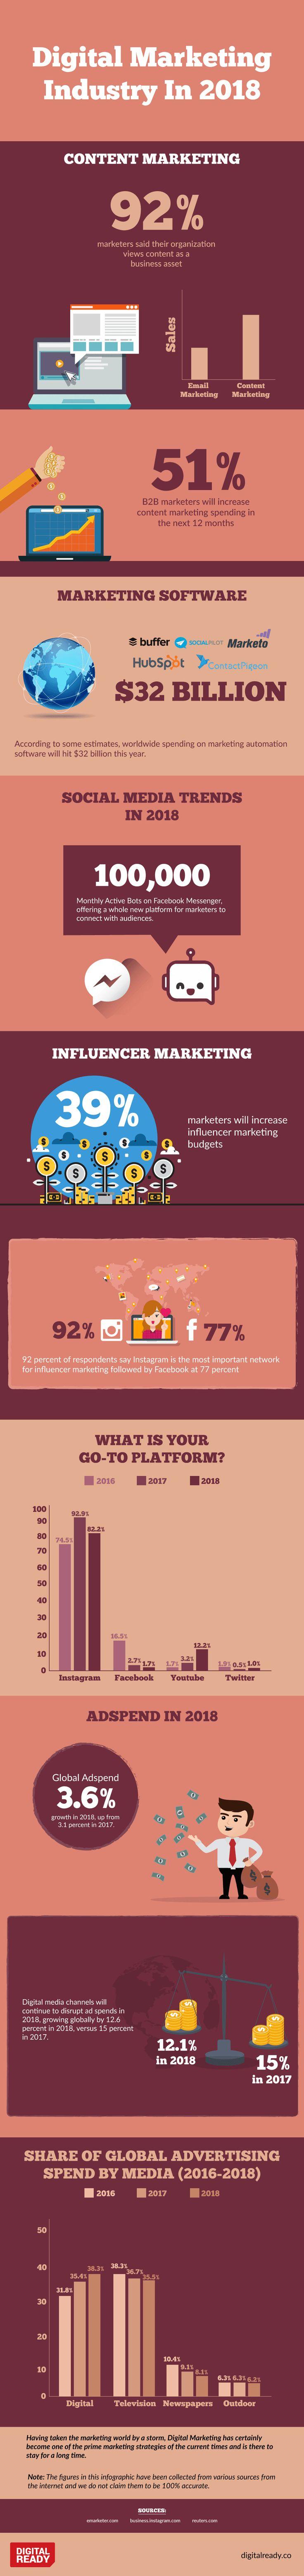 Digital-Marketing-Digital-Marketing-Industry-in-2018-Infographic Digital Marketing : Digital Marketing Industry in 2018 - #Infographic